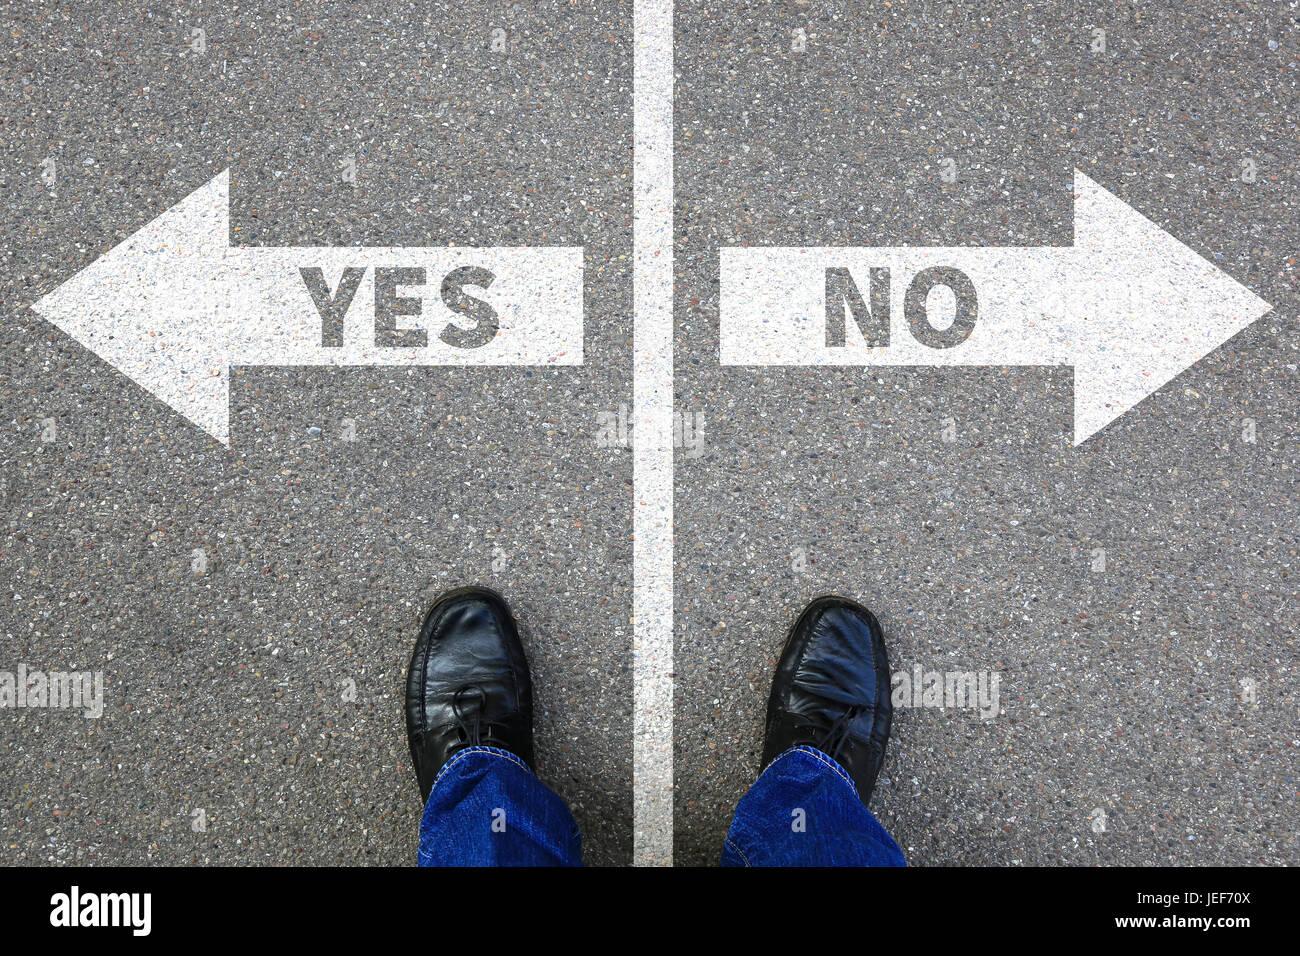 Sì no diritto risposta errata concezione di business solution decisione decide di scelta Immagini Stock